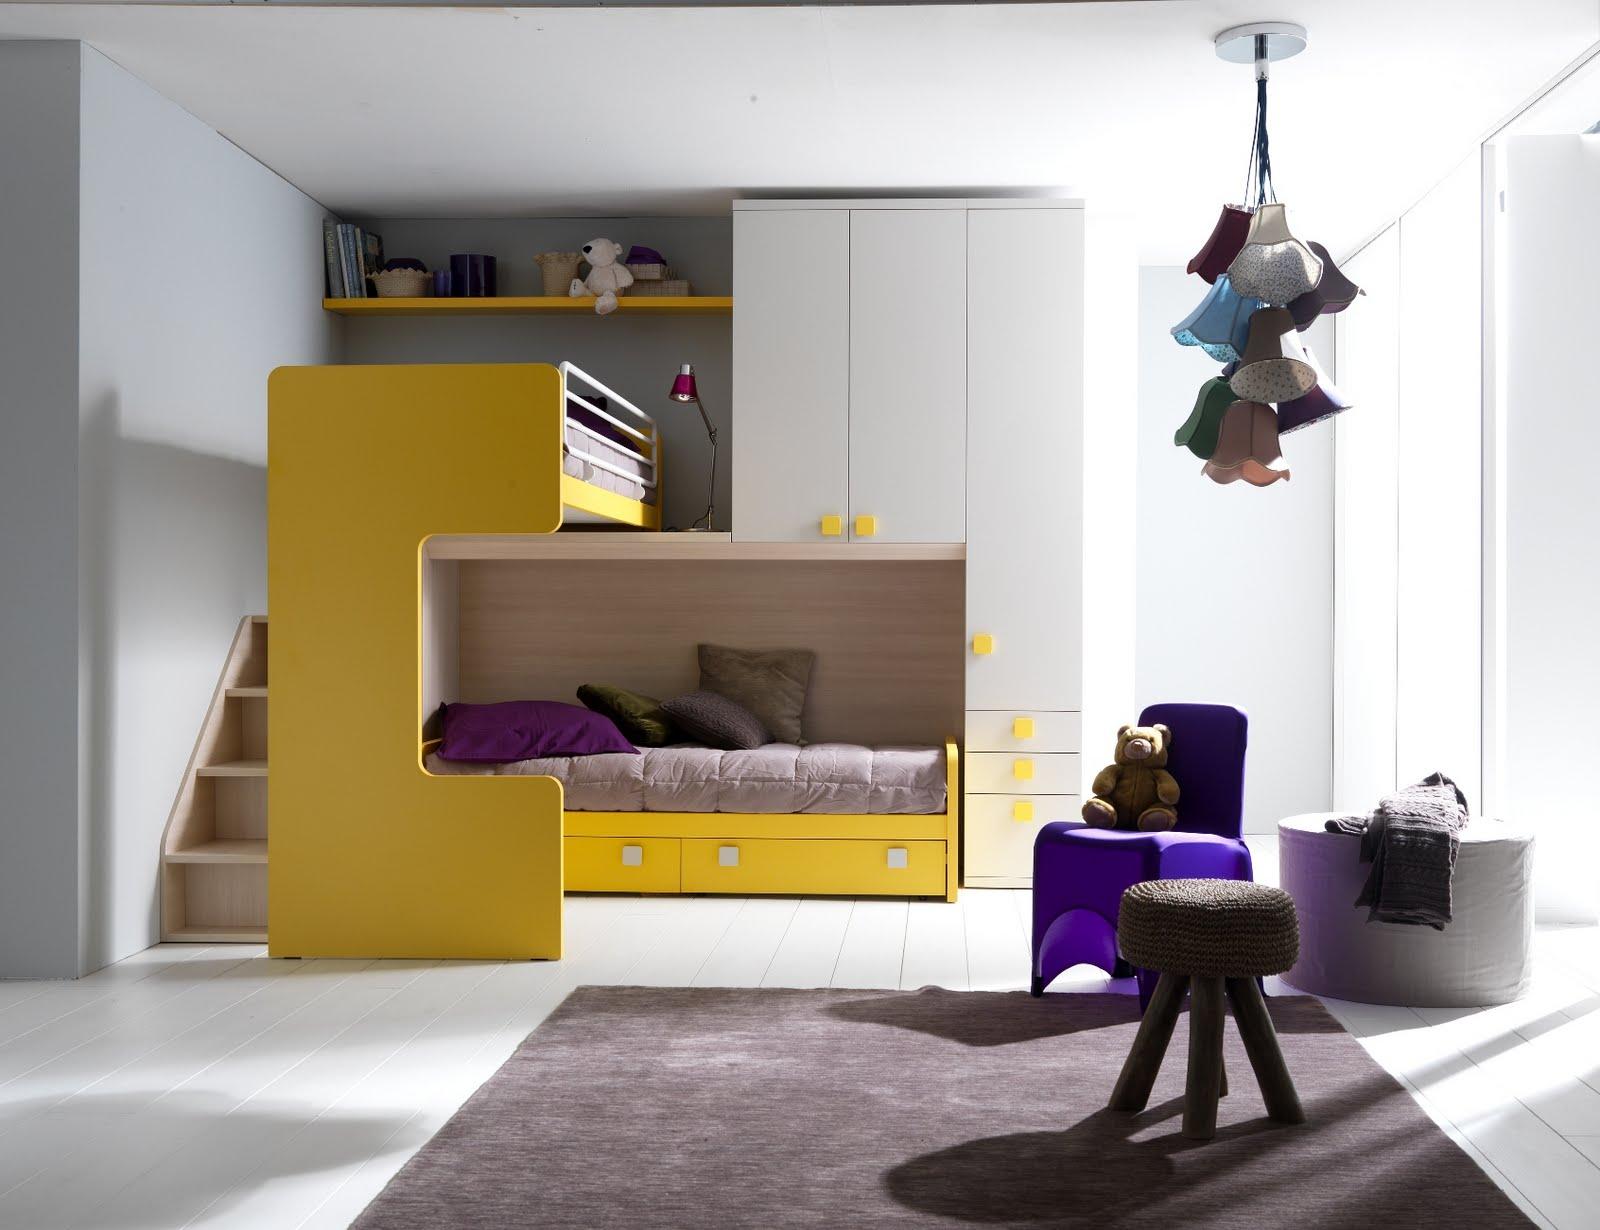 Bonetti camerette bonetti bedrooms offerta camerette doimo - Camere da letto bimbi ...